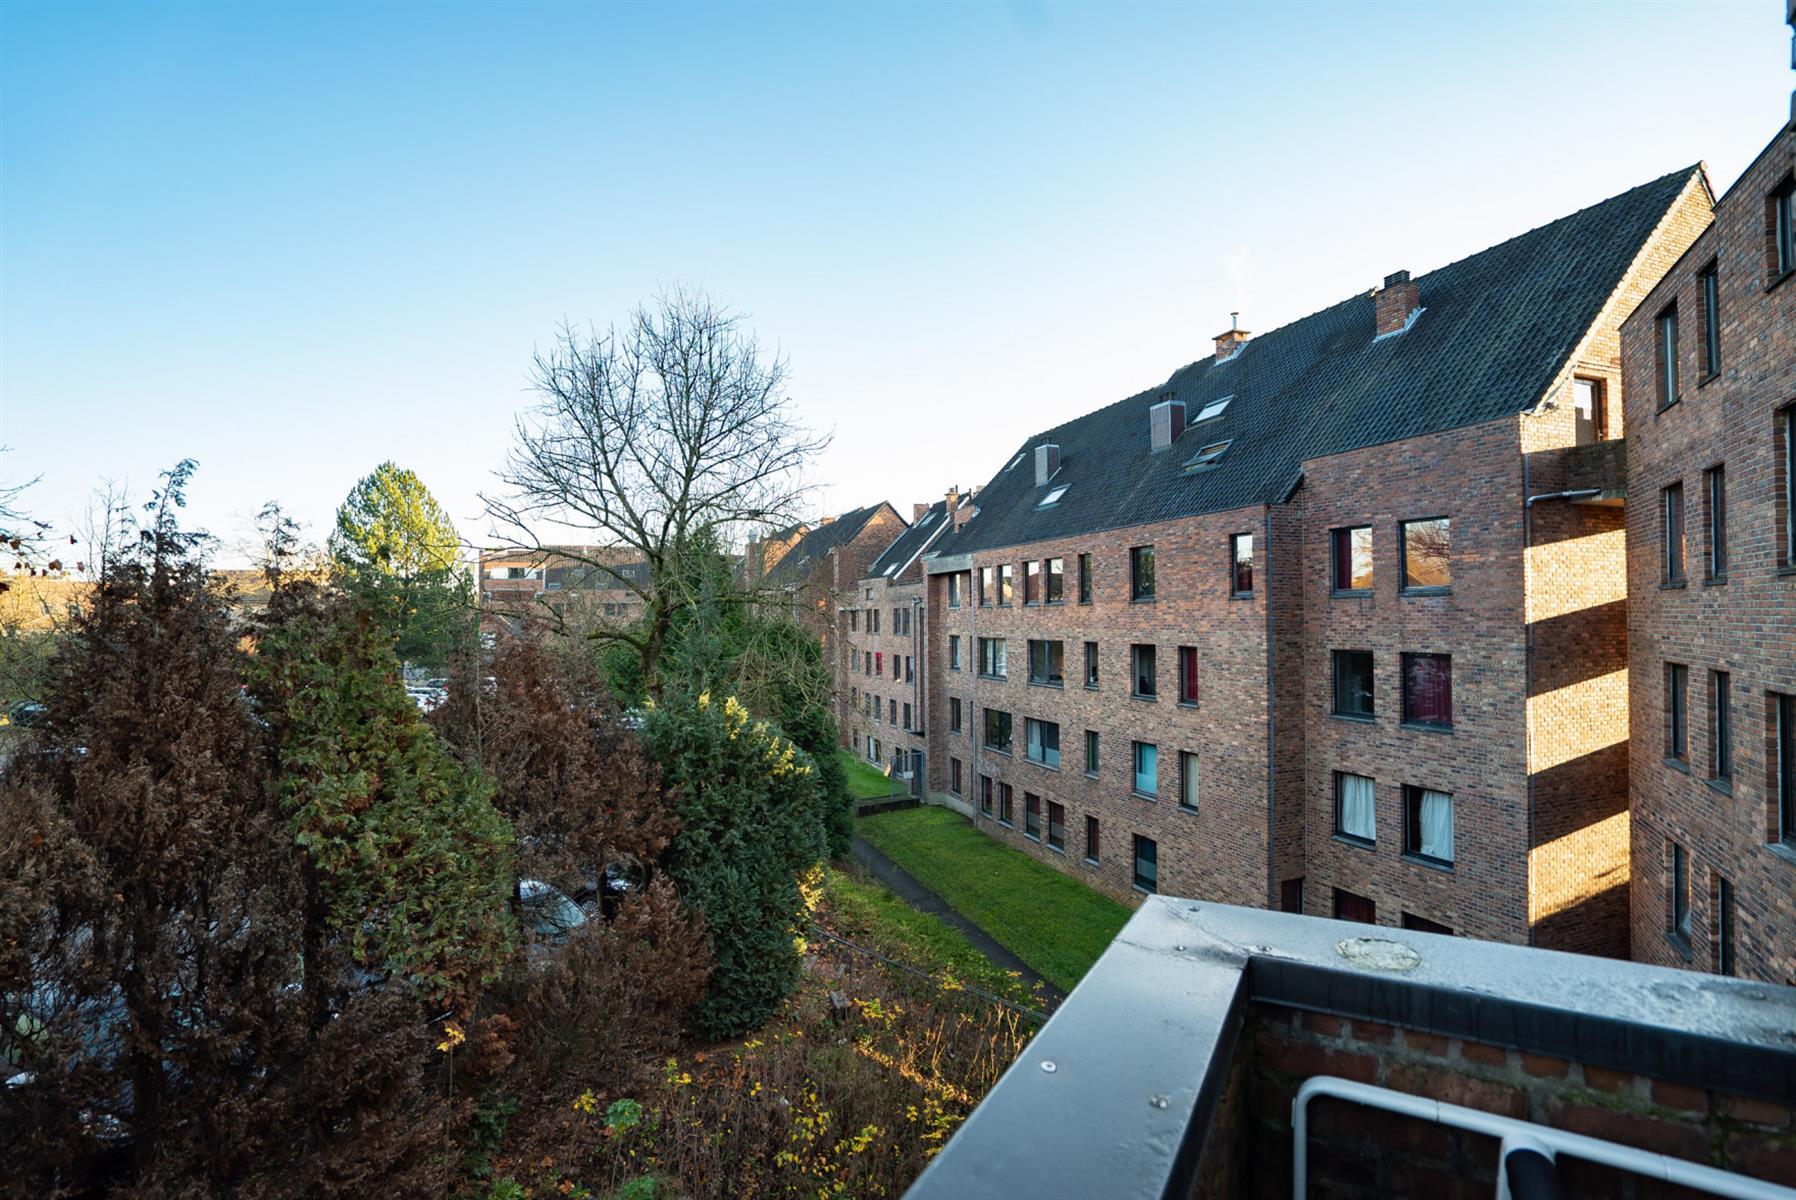 Appartement - Ottignies-Louvain-la-Neuve Louvain-la-Neuve - #4208592-0